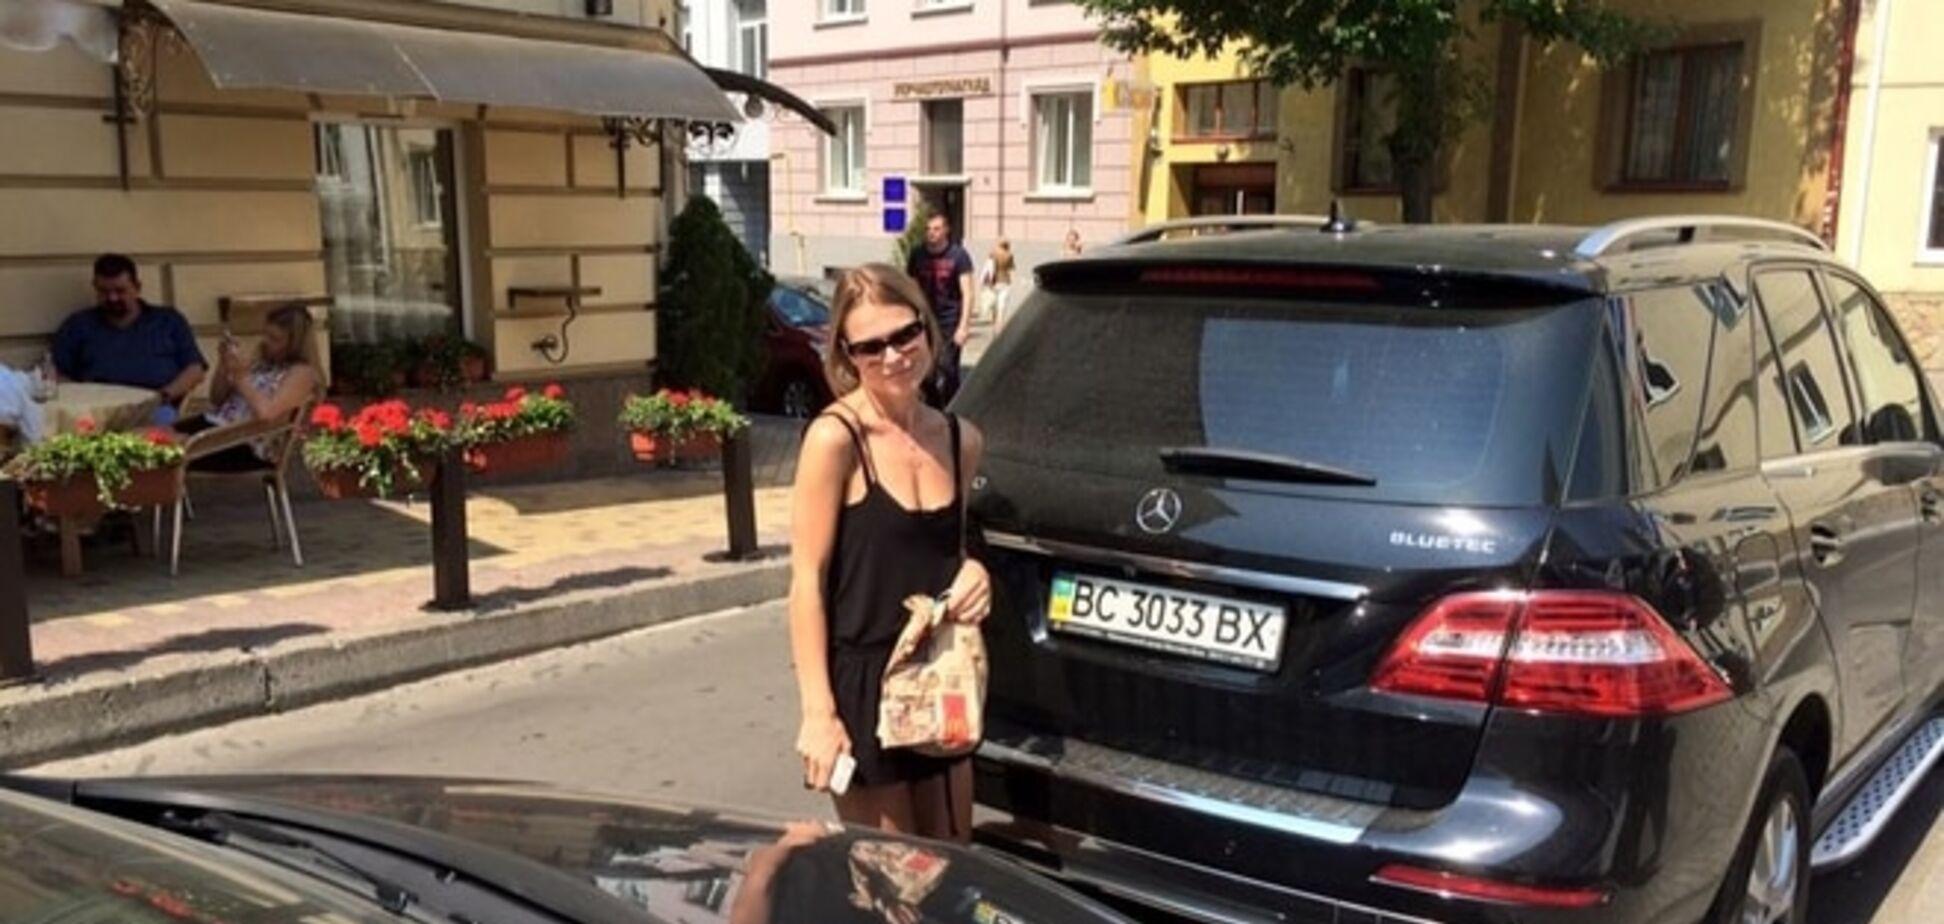 Хочете селфі із селебріті? Фреймут у Львові стала 'героїнею парковки': фотофакт